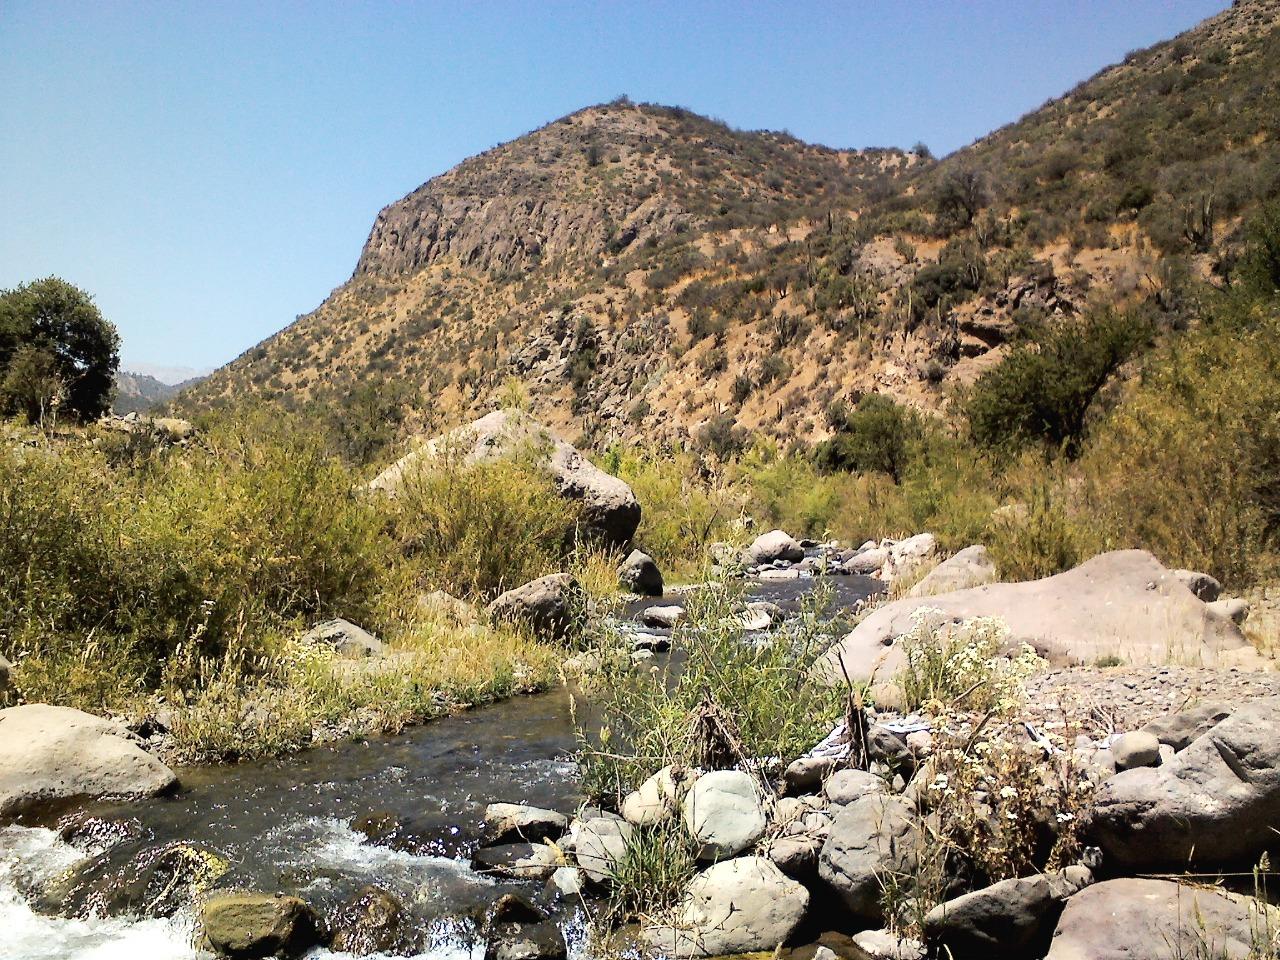 Rio Colina son: - Estero Agua Pajarito - Estero el Durazno, actualmente seco intervenido por la minera. - Estero Termas de Colina. Si vas a visitar el